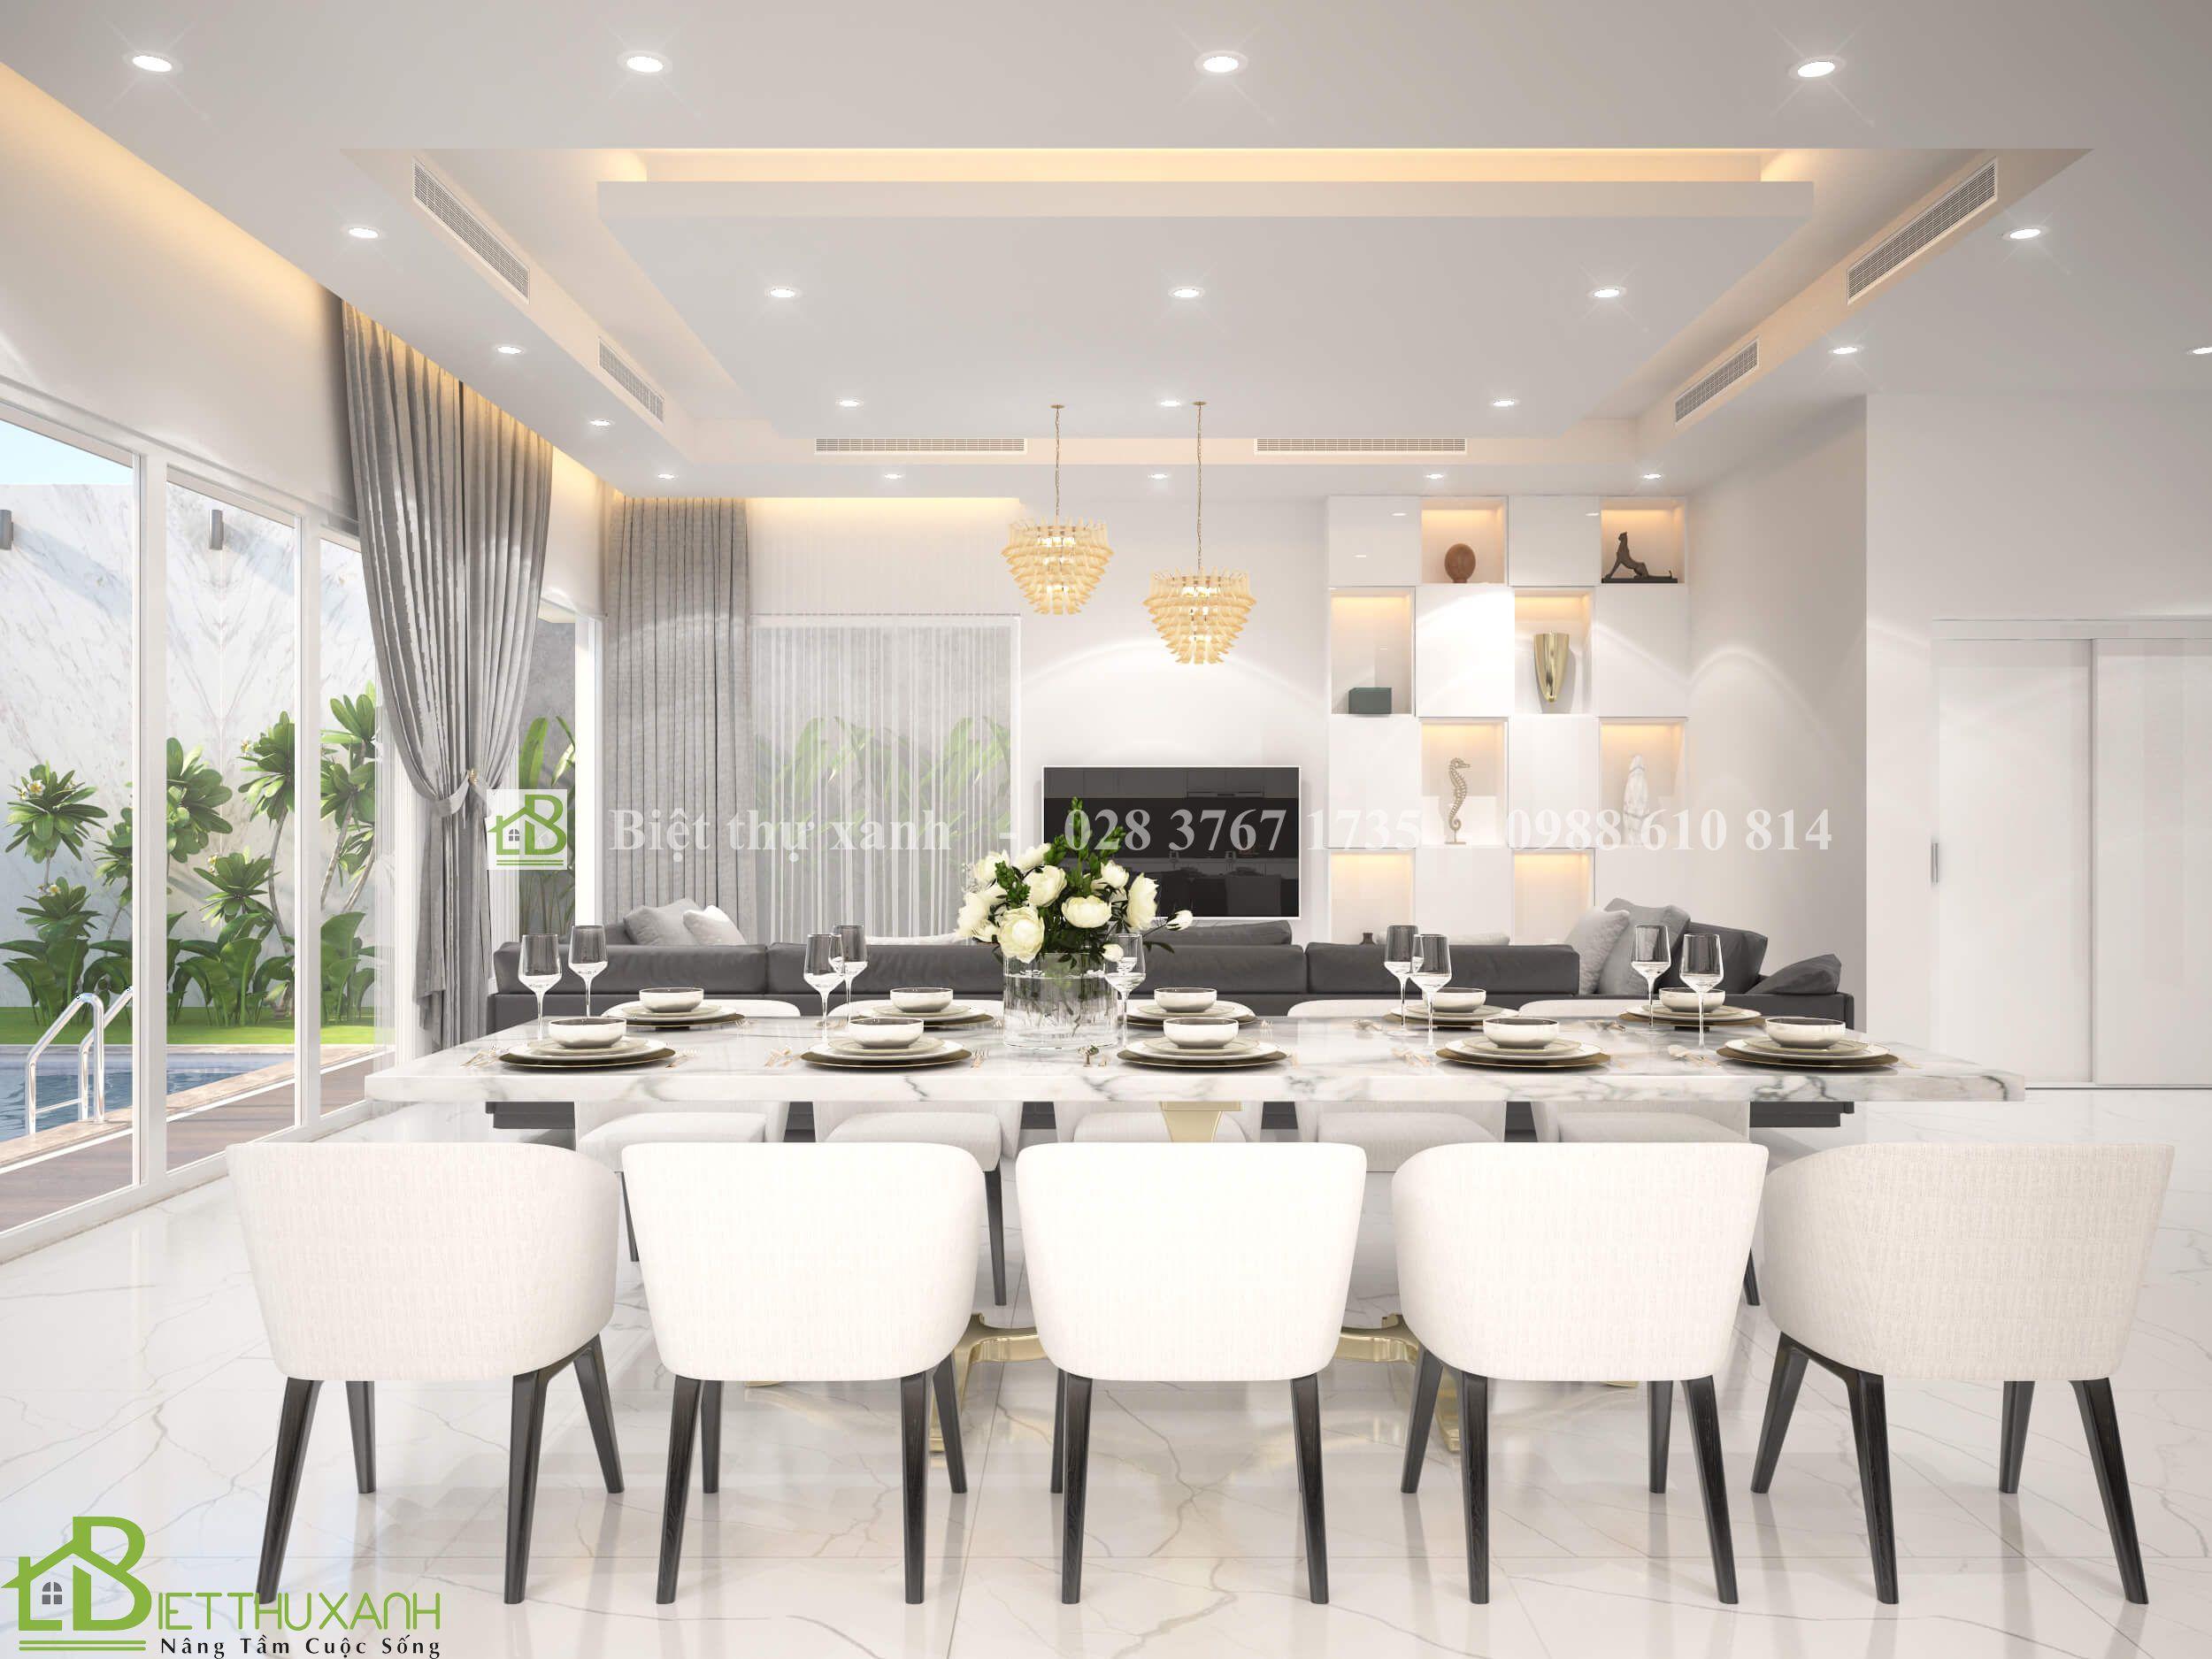 Thiet Ke Noi That Phong Khách 4- Biệt thự hiện đại